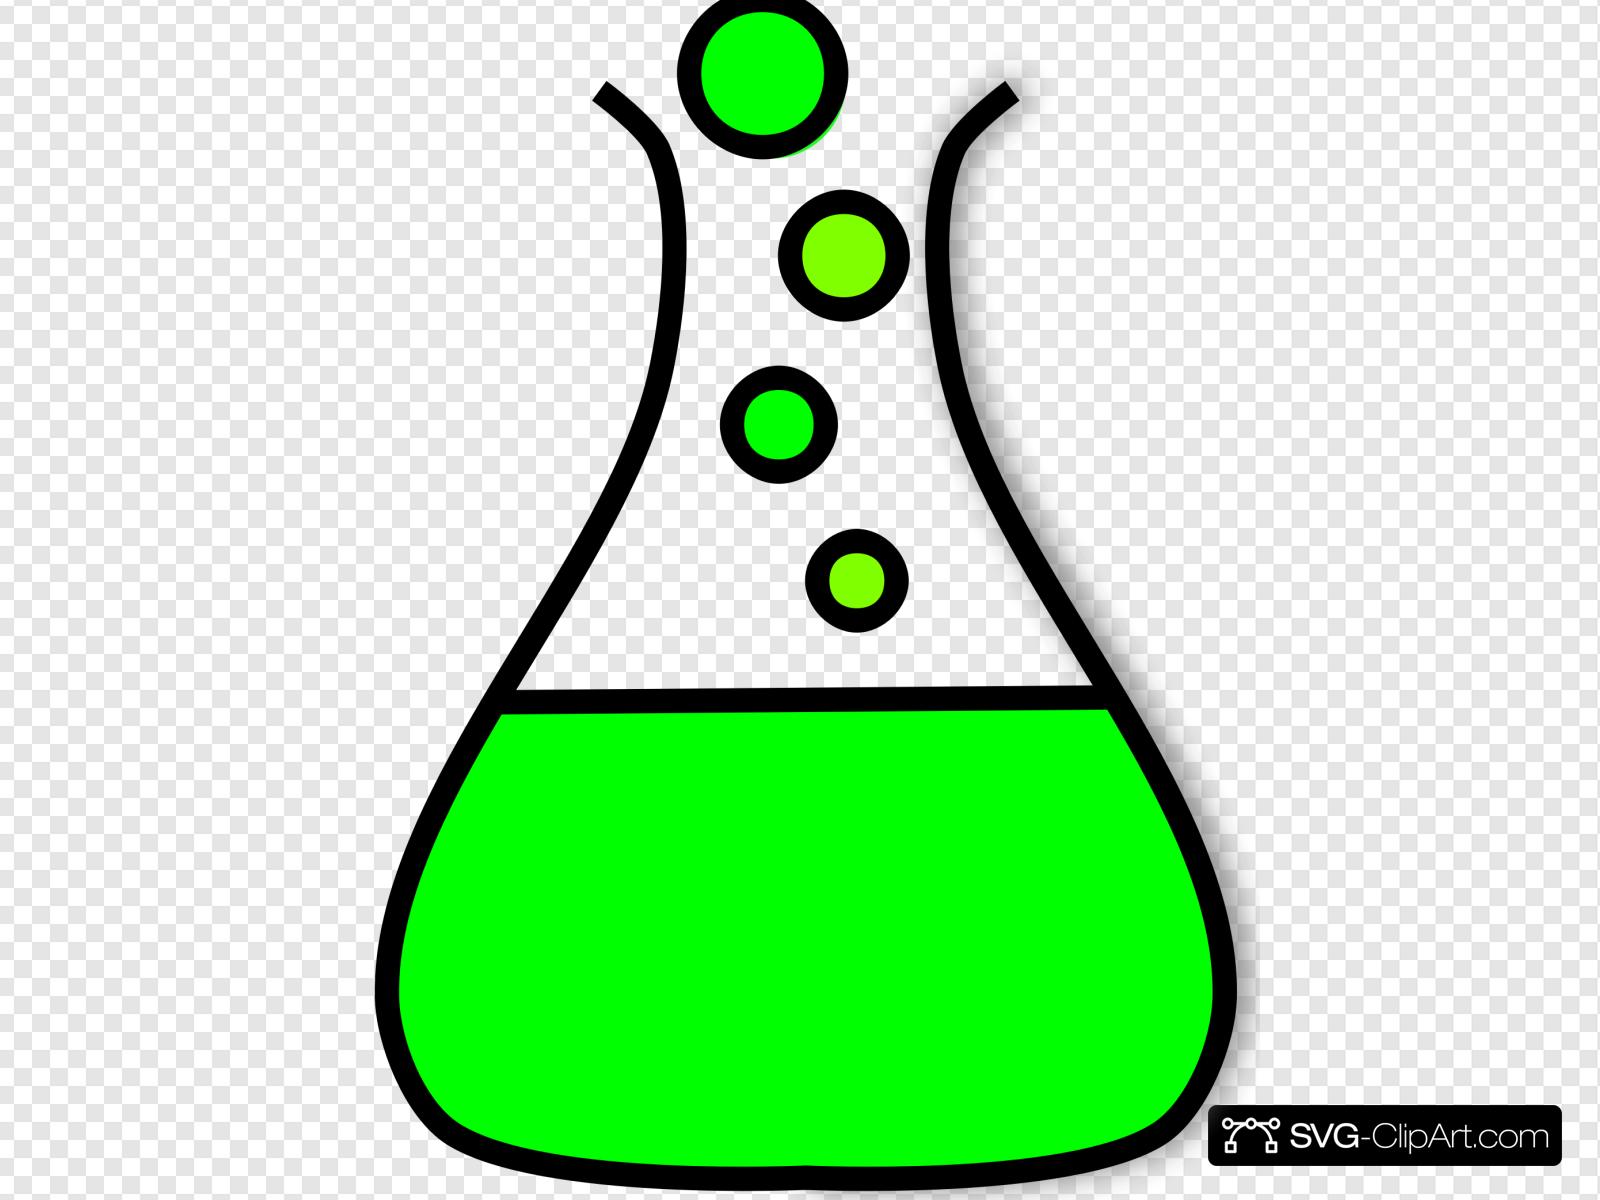 Beaker Green Bubble Prezi 2 Clip art, Icon and SVG.